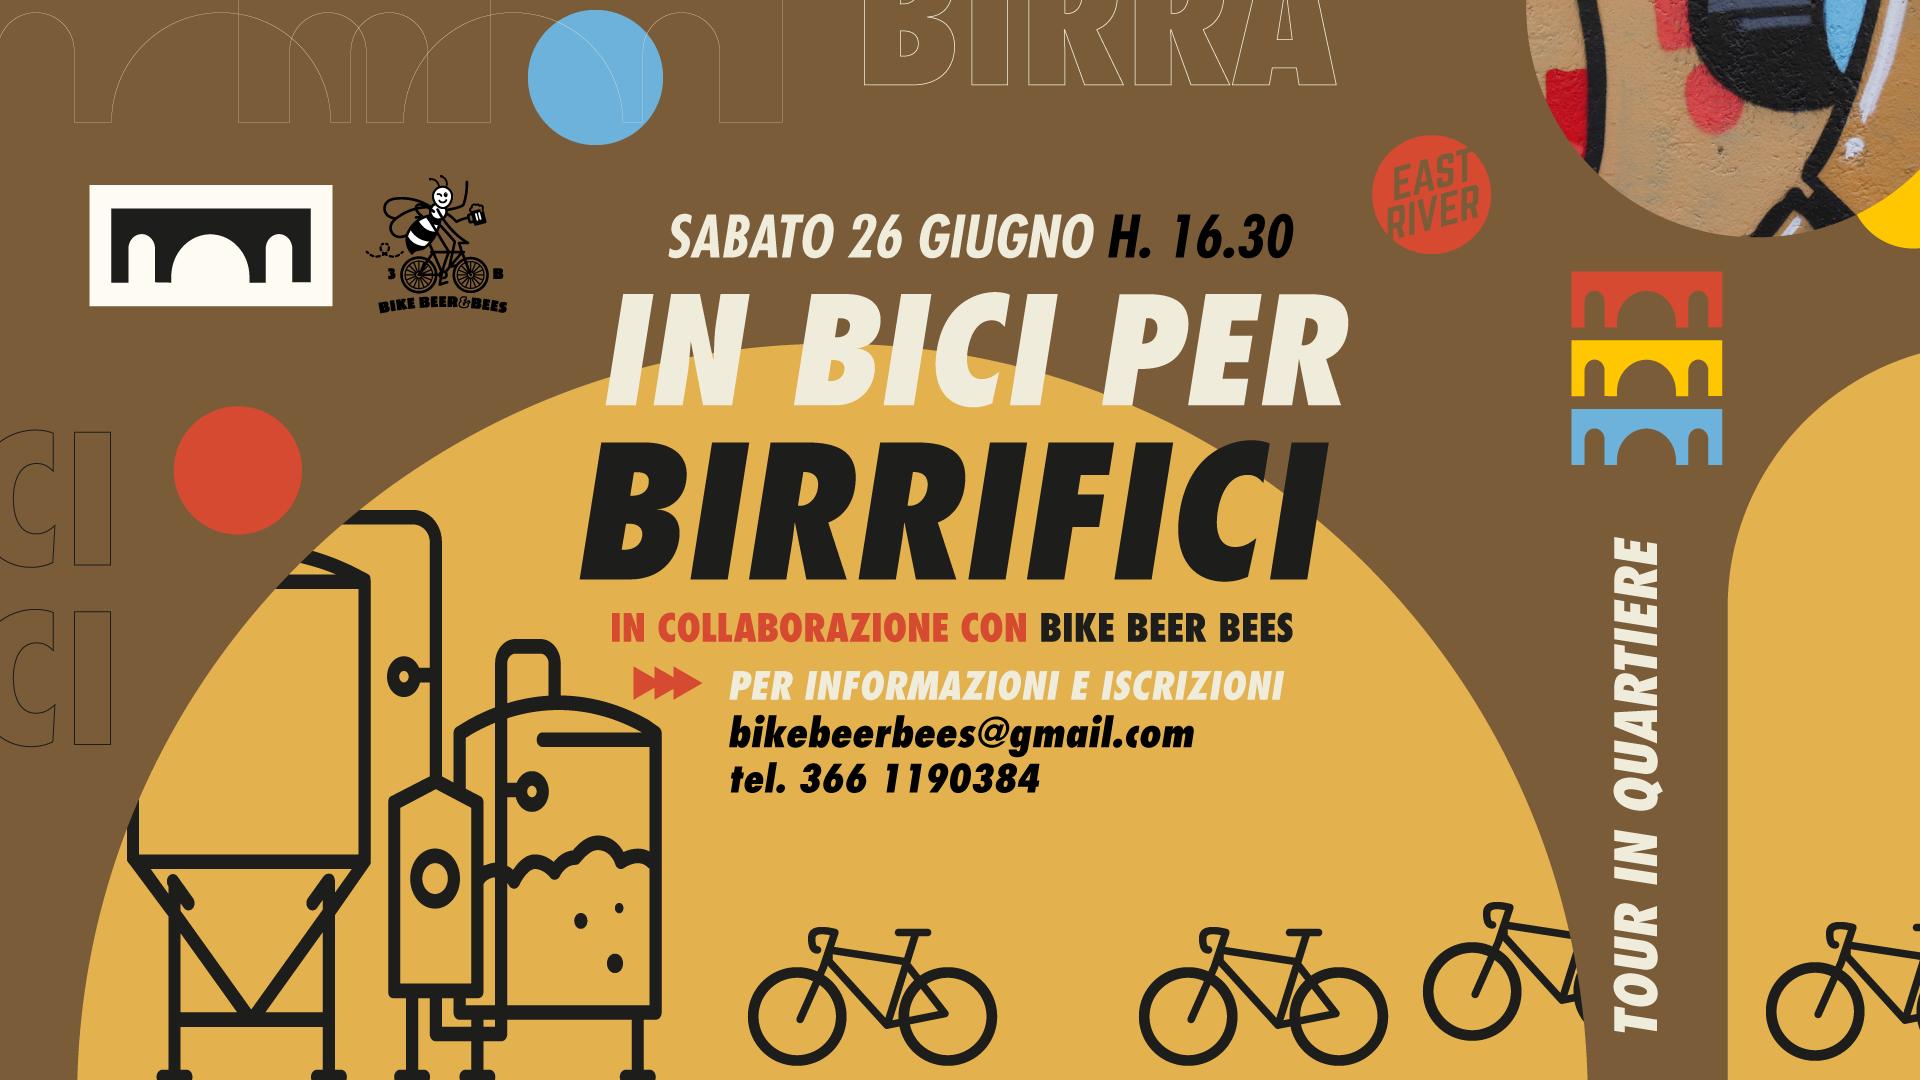 In bici per birrifici